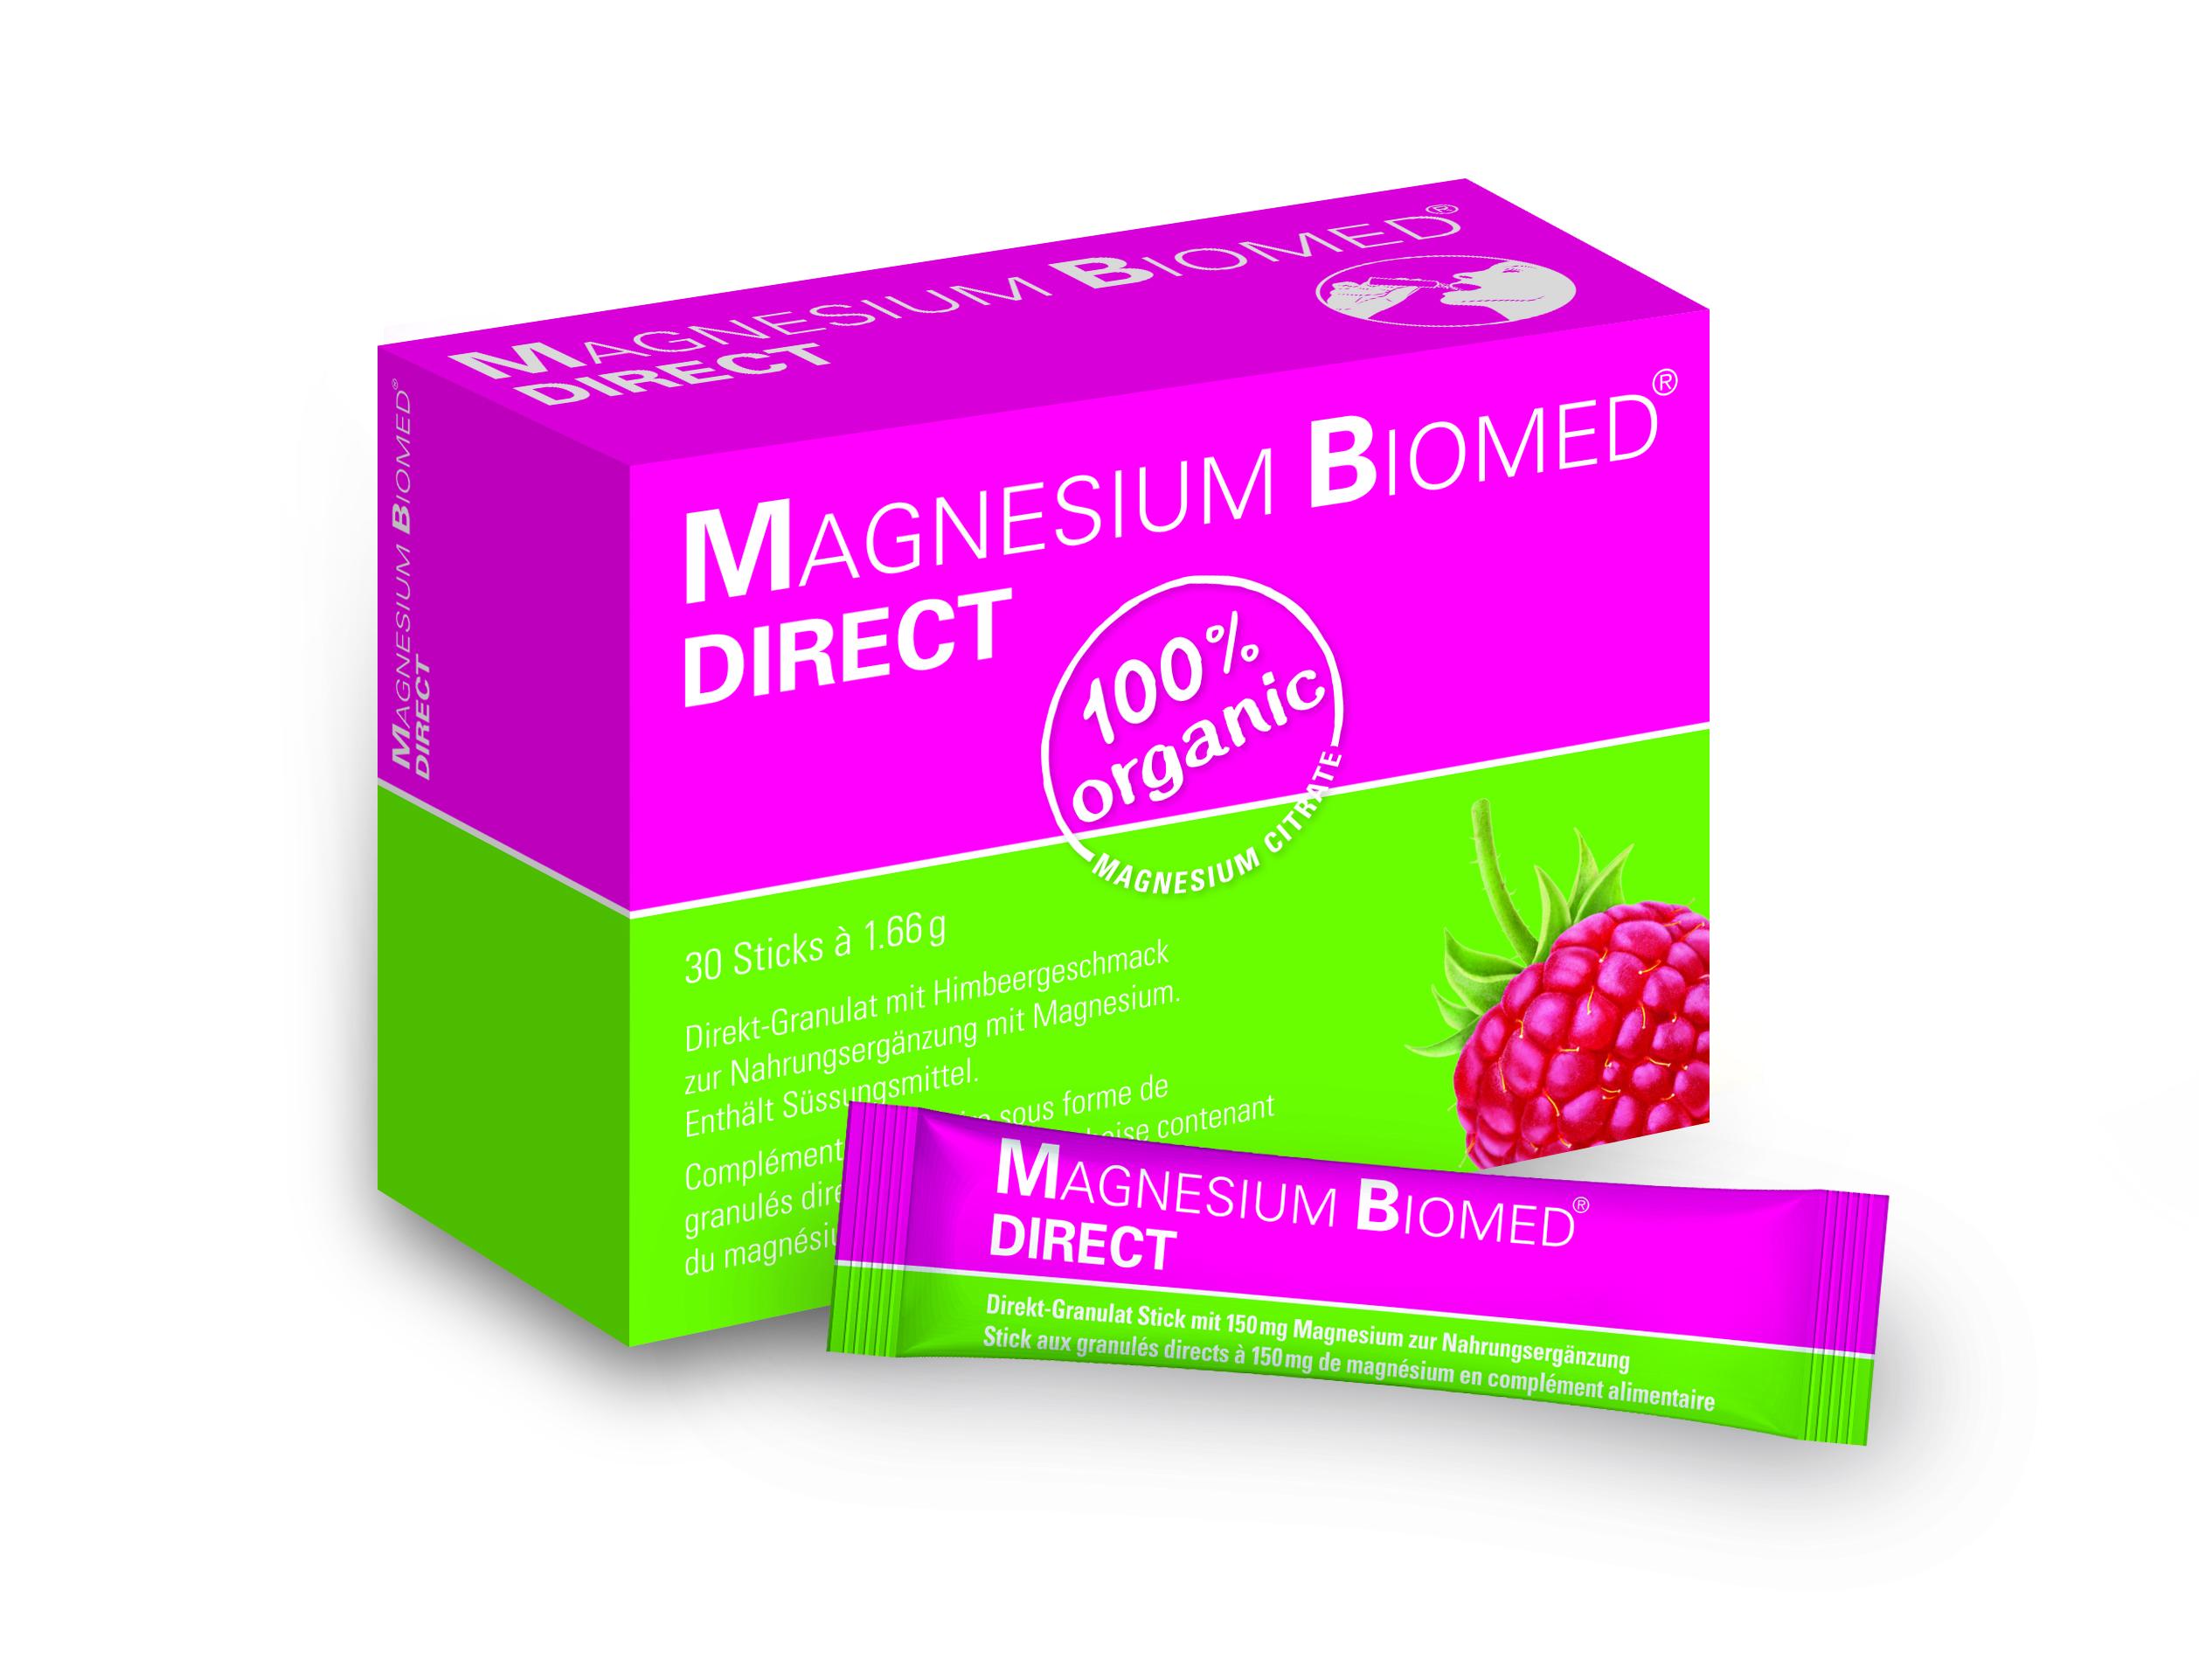 Mg_Biomed_direct_FS und Stick_seitlich_ links